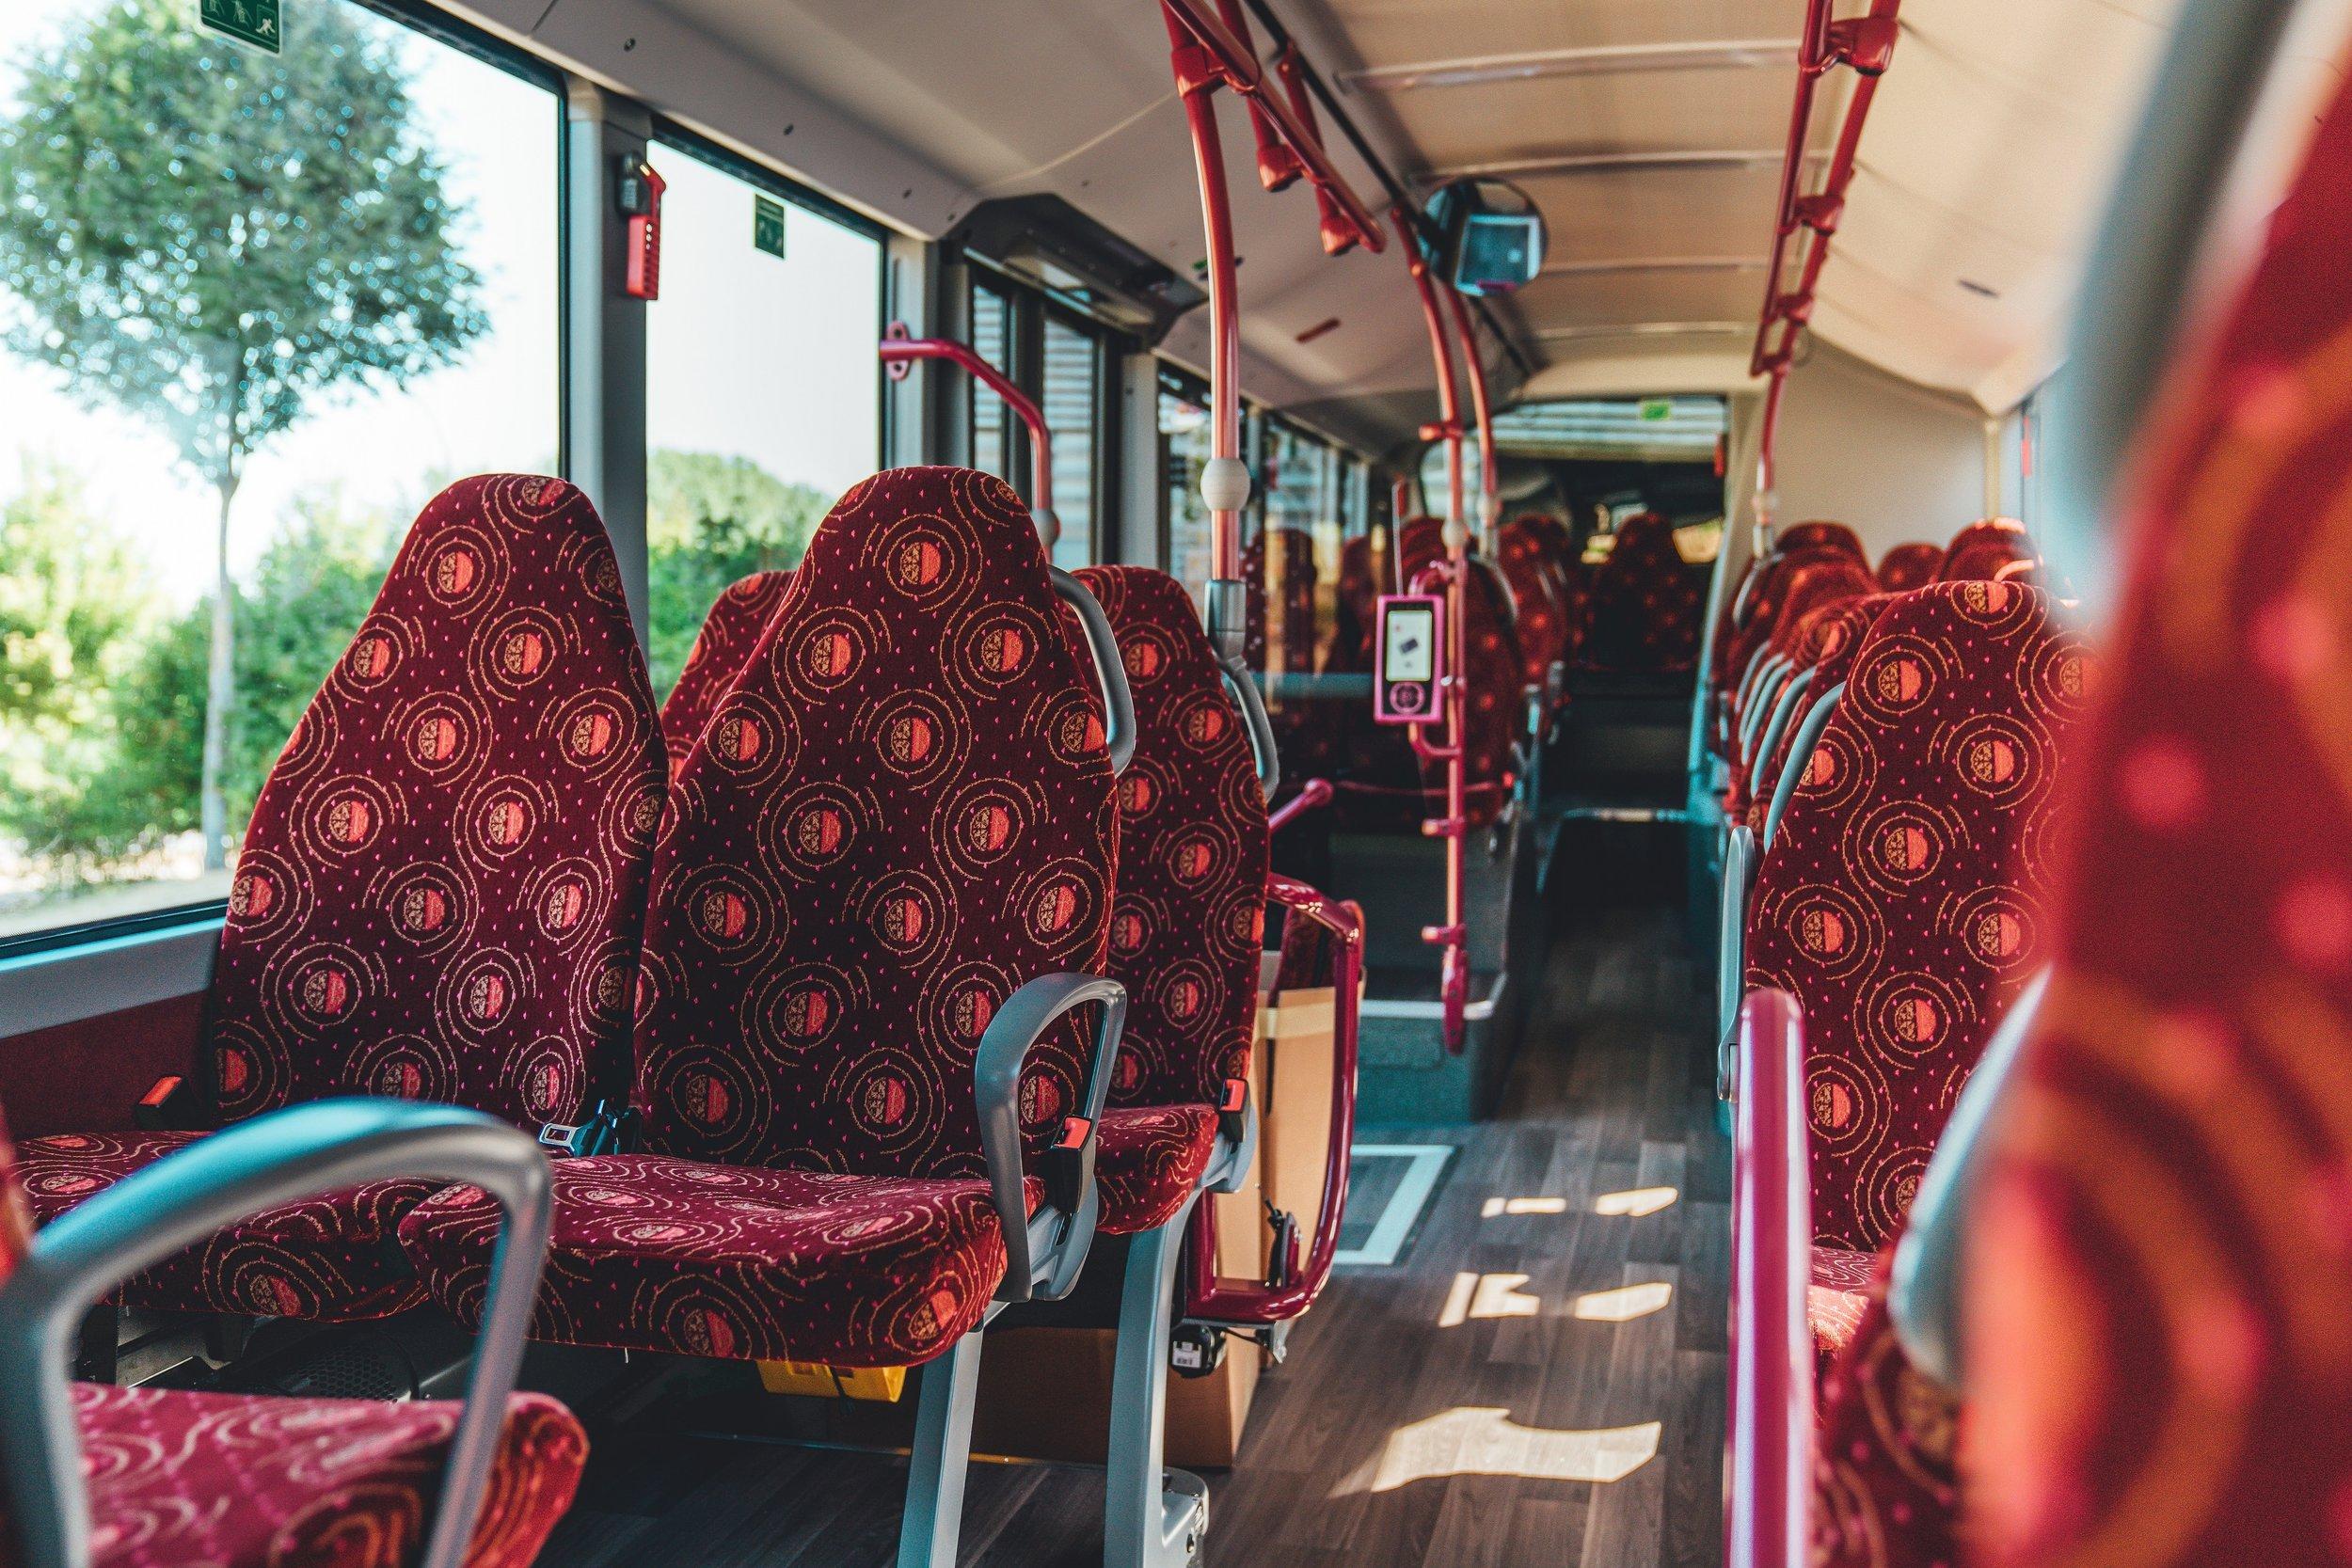 Pohled do interiéru lucemburského vozu laděného do odstínů červené barvy. Sedadla jsou vybavena bezpečnostními pásy. (foto: Daimler Buses)